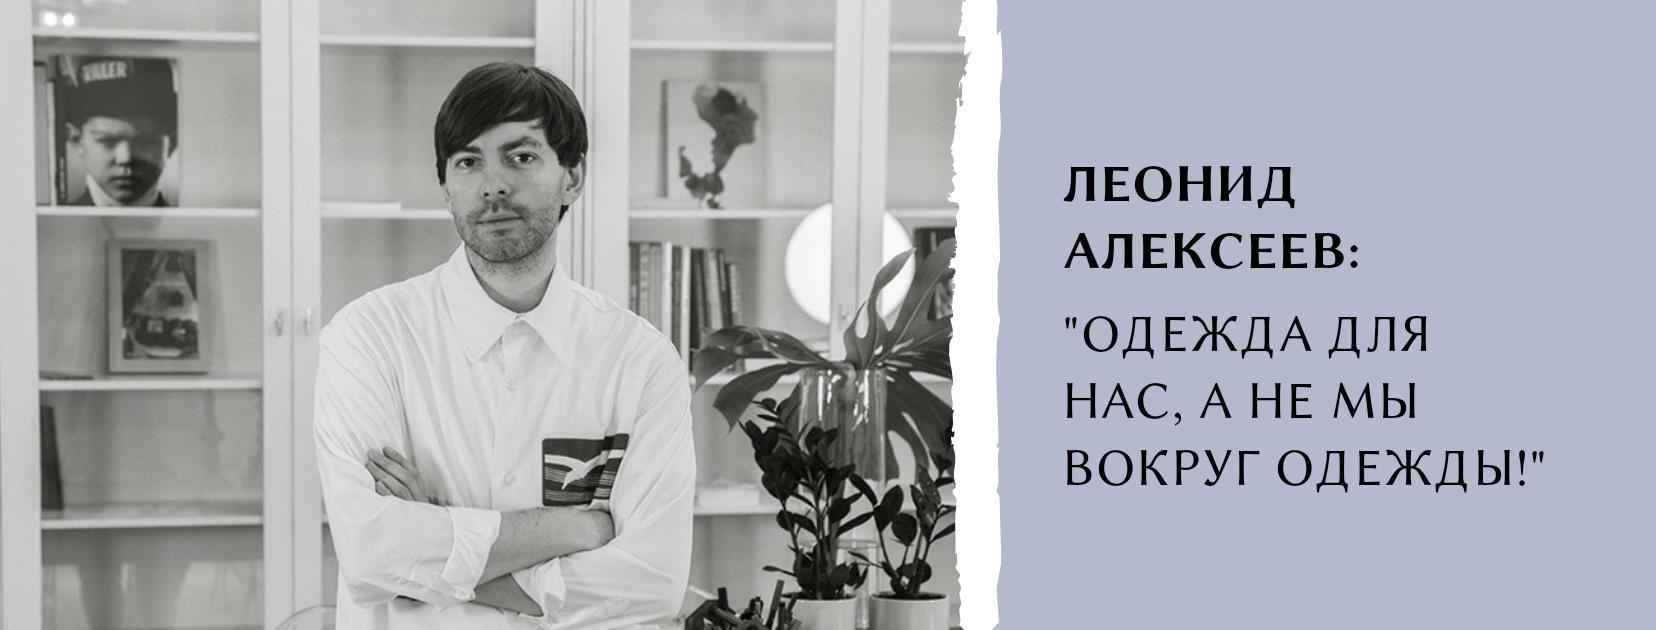 Леонид Алексеев: «Одежда для нас, а не мы вокруг одежды!» в ТК ЭКОПОЛИС premium